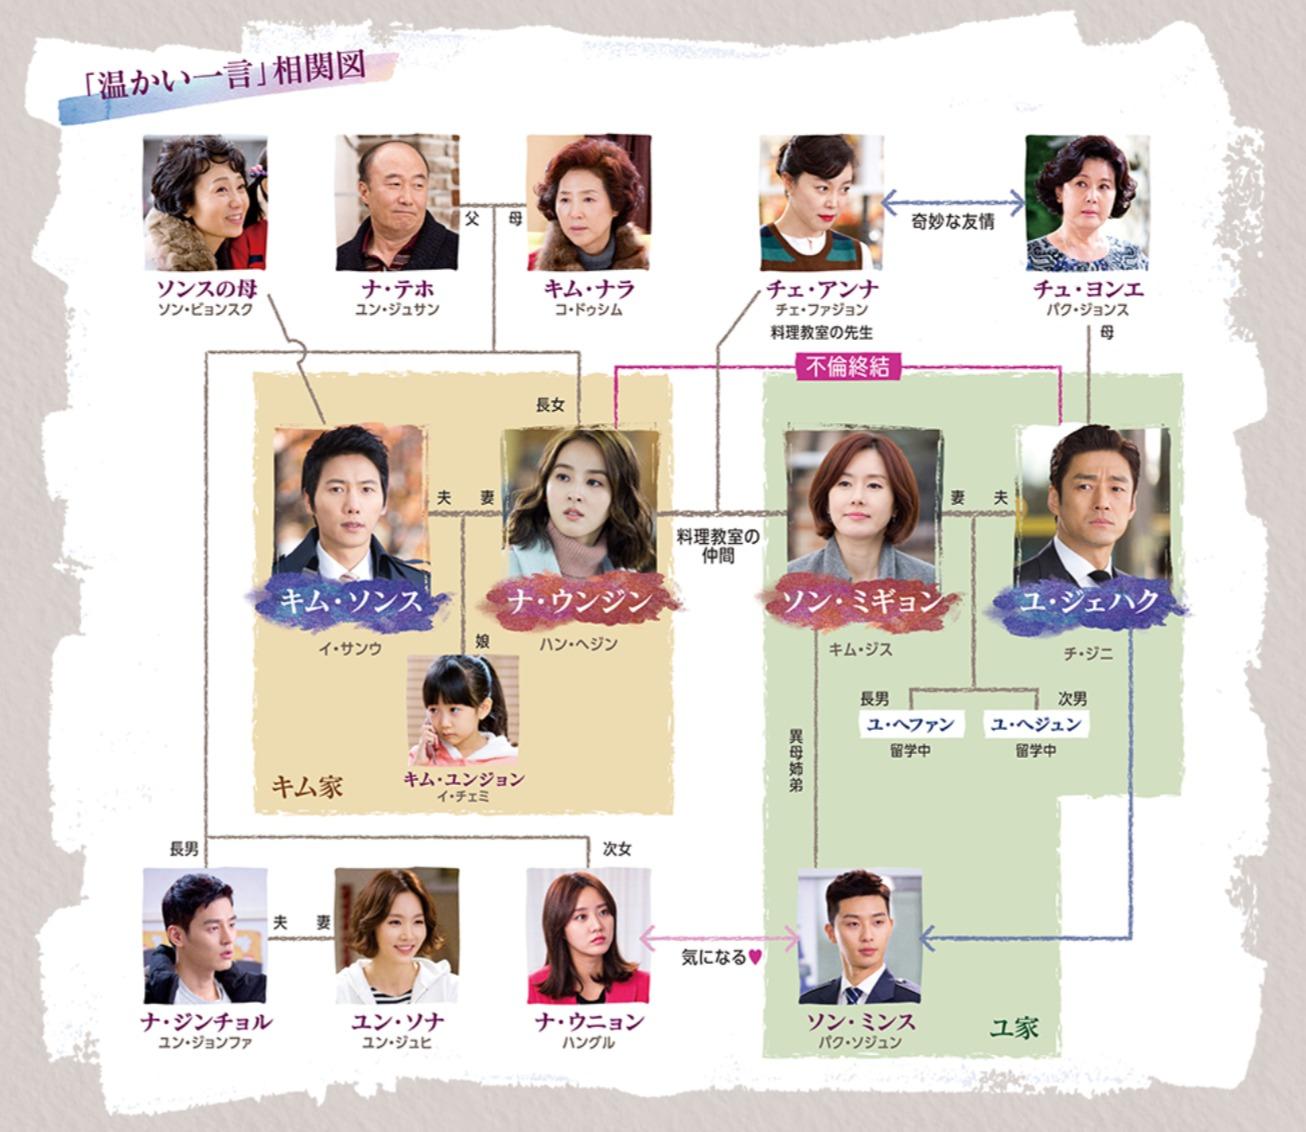 韓国ドラマ『温かい一言』登場人物相関図(関係図)